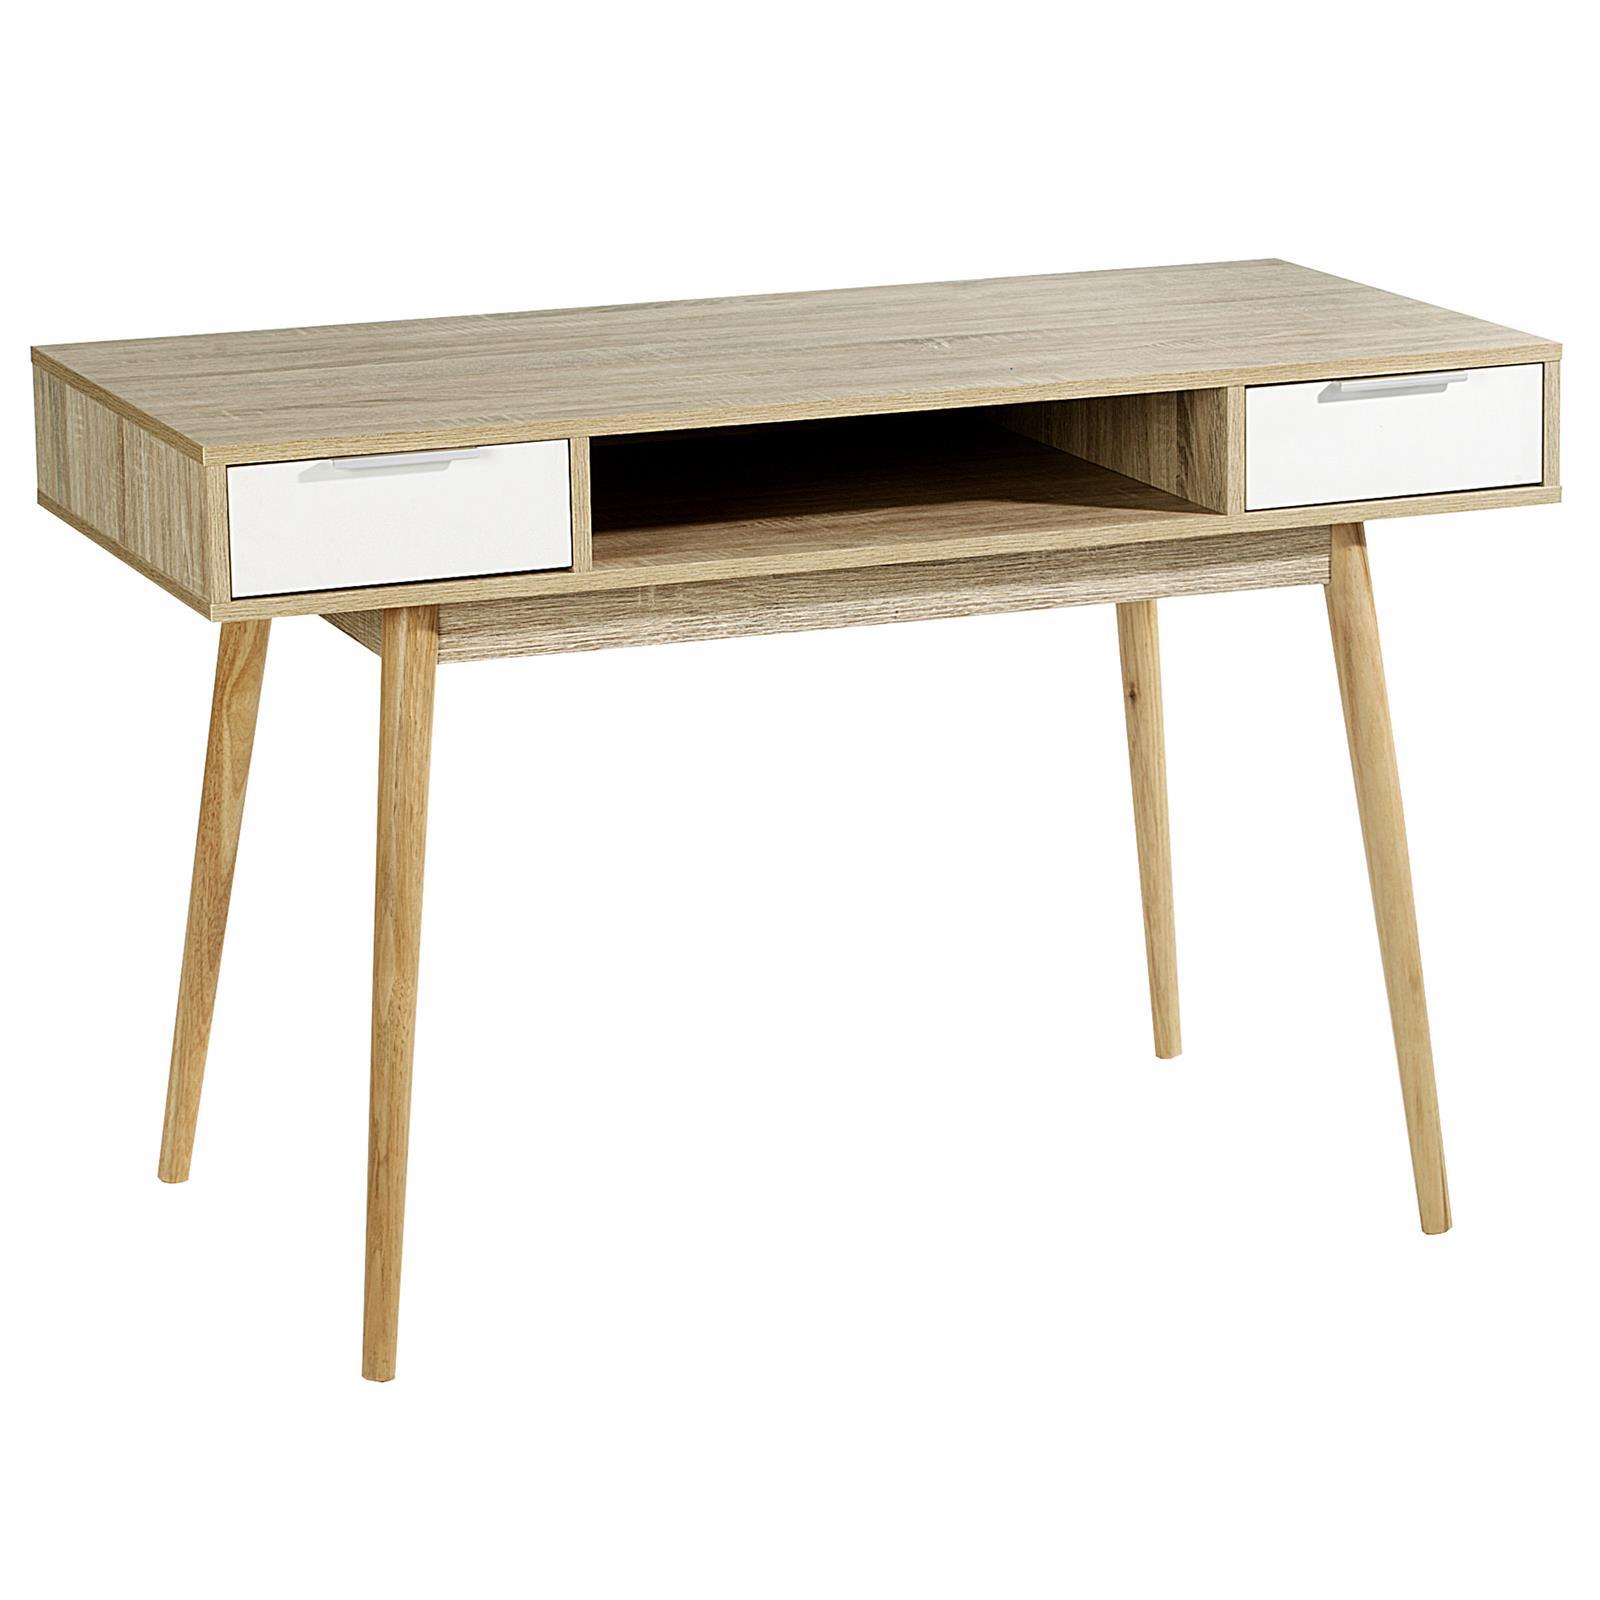 konsole anrichte konsolentisch schreibtisch sonoma eiche. Black Bedroom Furniture Sets. Home Design Ideas